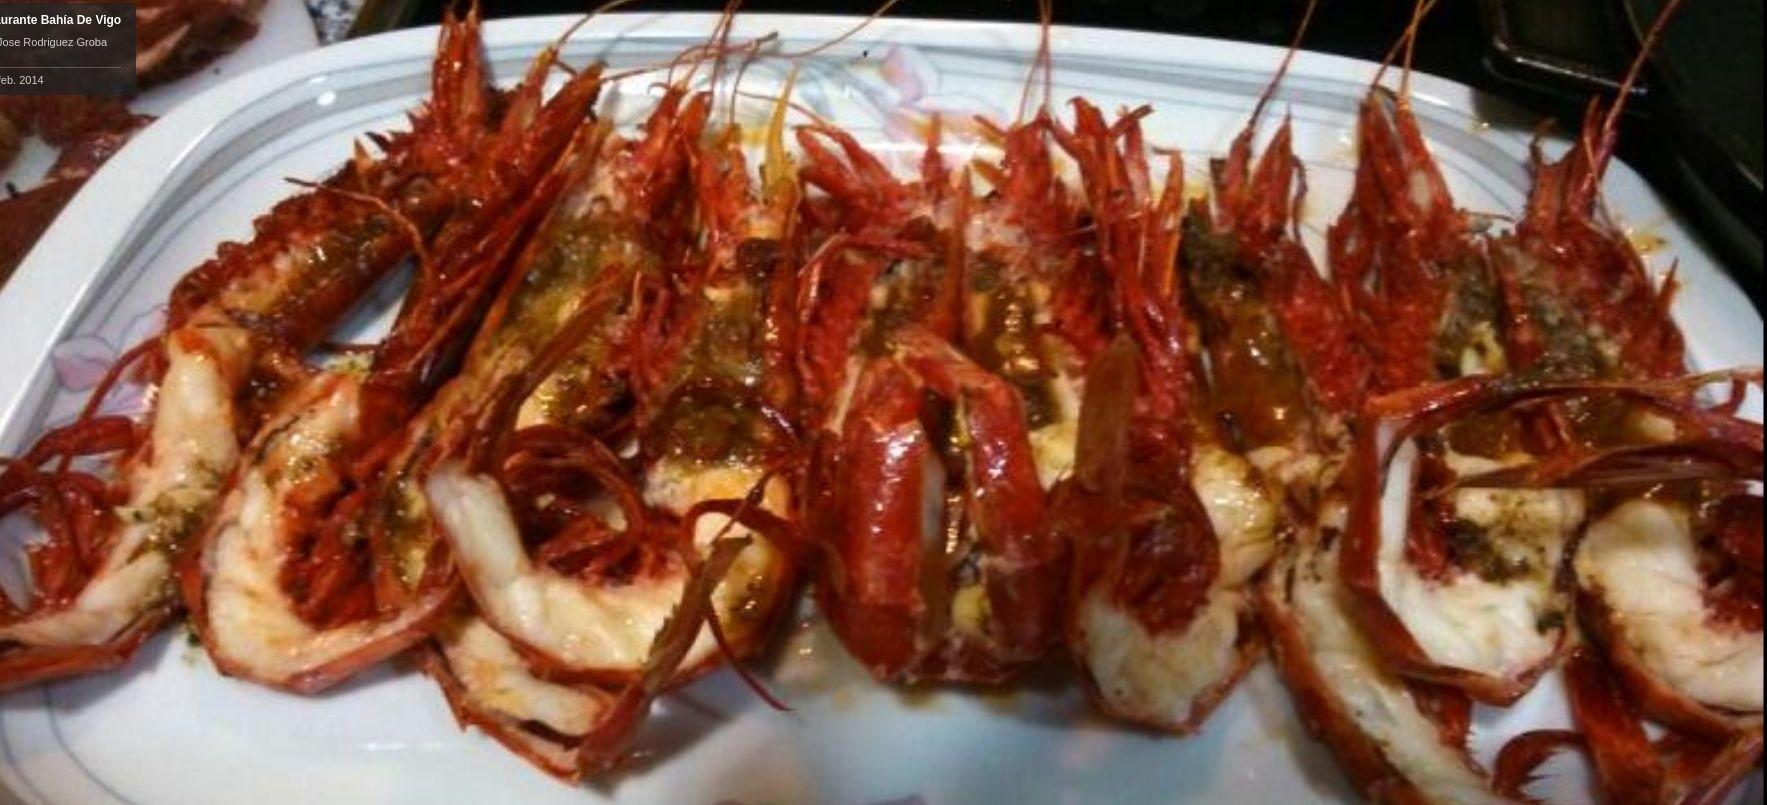 Amazing Restaurante Bahía De Vigo